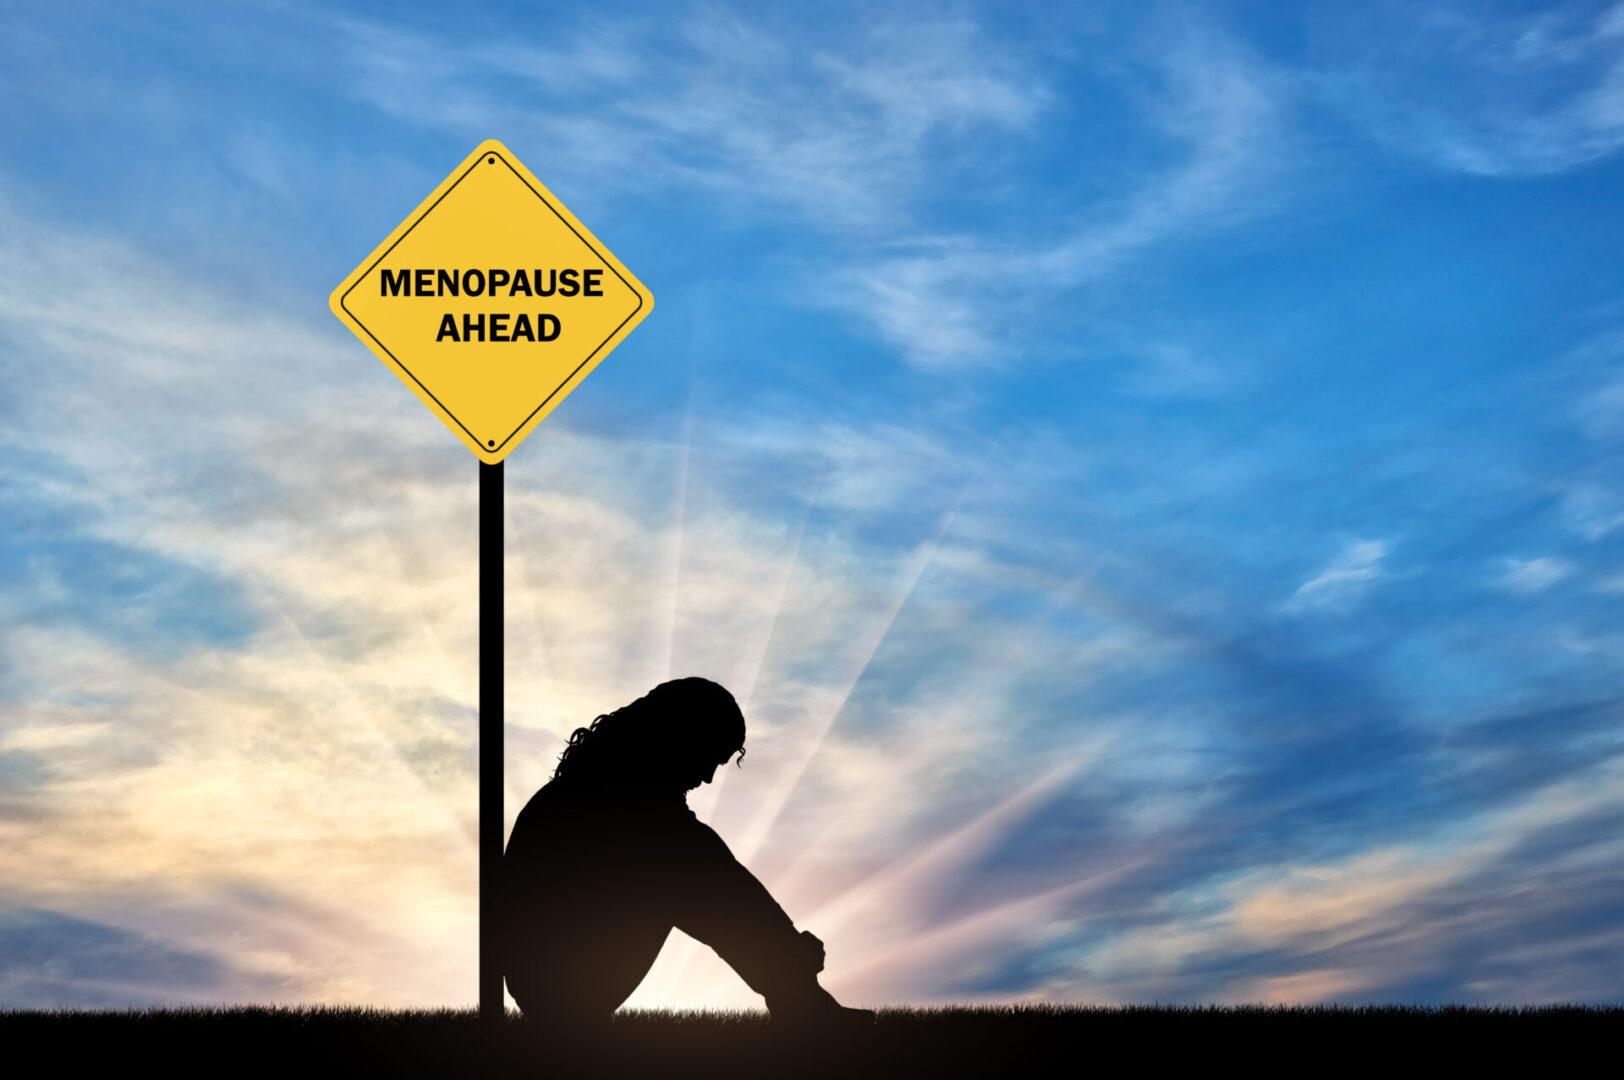 osoba oparta o znak menopauza a emocje